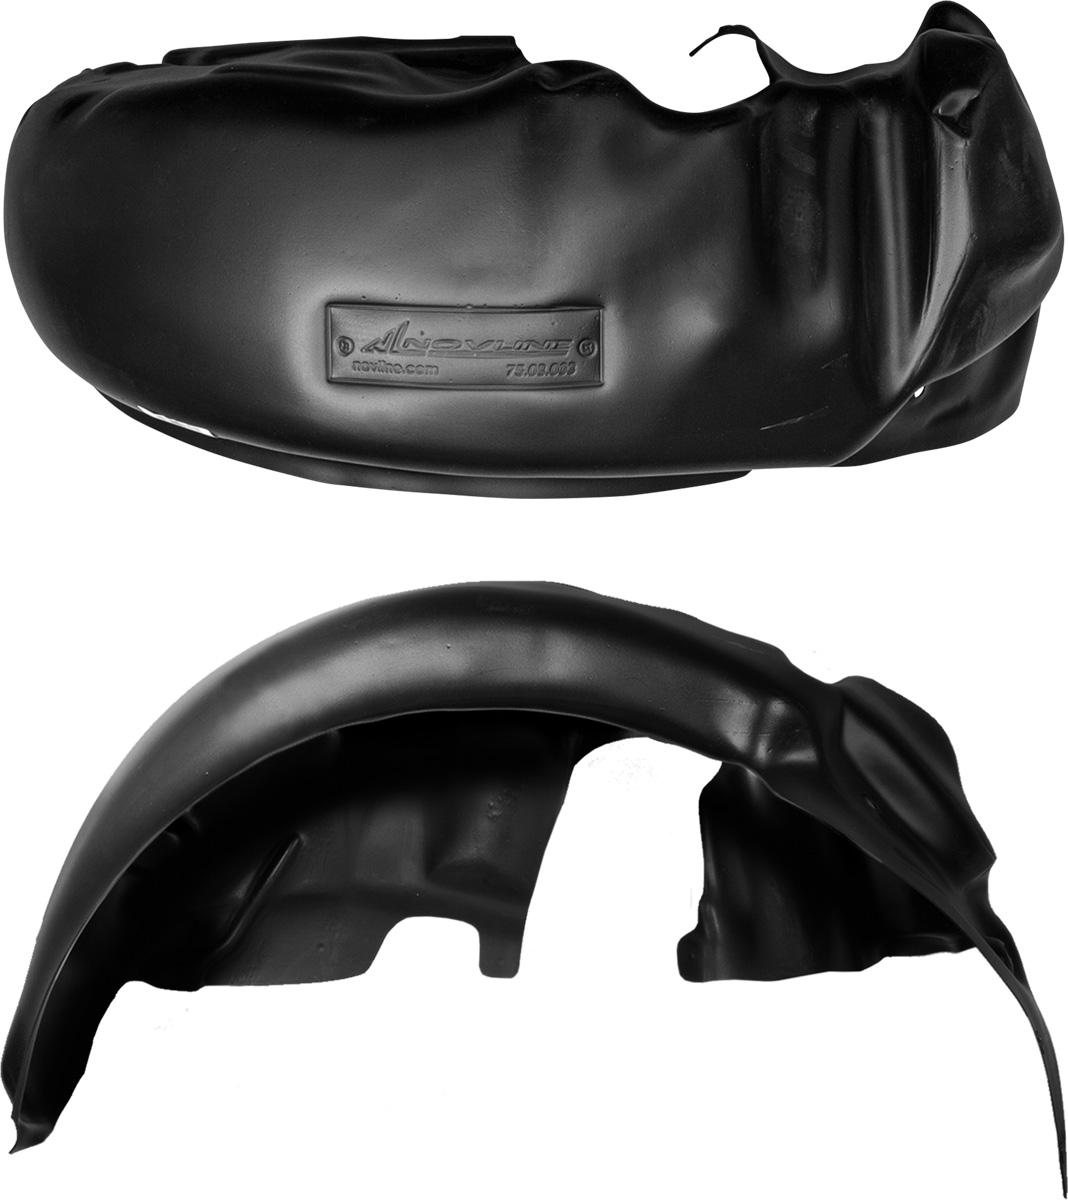 Подкрылок Novline-Autofamily, для Lada Kalina 2, 2013 ->, задний правыйNLL.52.27.004Колесные ниши - одни из самых уязвимых зон днища вашего автомобиля. Они постоянно подвергаются воздействию со стороны дороги. Лучшая, почти абсолютная защита для них - специально отформованные пластиковые кожухи, которые называются подкрылками. Производятся они как для отечественных моделей автомобилей, так и для иномарок. Подкрылки Novline-Autofamily выполнены из высококачественного, экологически чистого пластика. Обеспечивают надежную защиту кузова автомобиля от пескоструйного эффекта и негативного влияния, агрессивных антигололедных реагентов. Пластик обладает более низкой теплопроводностью, чем металл, поэтому в зимний период эксплуатации использование пластиковых подкрылков позволяет лучше защитить колесные ниши от налипания снега и образования наледи. Оригинальность конструкции подчеркивает элегантность автомобиля, бережно защищает нанесенное на днище кузова антикоррозийное покрытие и позволяет осуществить крепление подкрылков внутри колесной арки практически без дополнительного крепежа и сверления, не нарушая при этом лакокрасочного покрытия, что предотвращает возникновение новых очагов коррозии. Подкрылки долговечны, обладают высокой прочностью и сохраняют заданную форму, а также все свои физико-механические характеристики в самых тяжелых климатических условиях (от -50°С до +50°С).Уважаемые клиенты!Обращаем ваше внимание, на тот факт, что подкрылок имеет форму, соответствующую модели данного автомобиля. Фото служит для визуального восприятия товара.